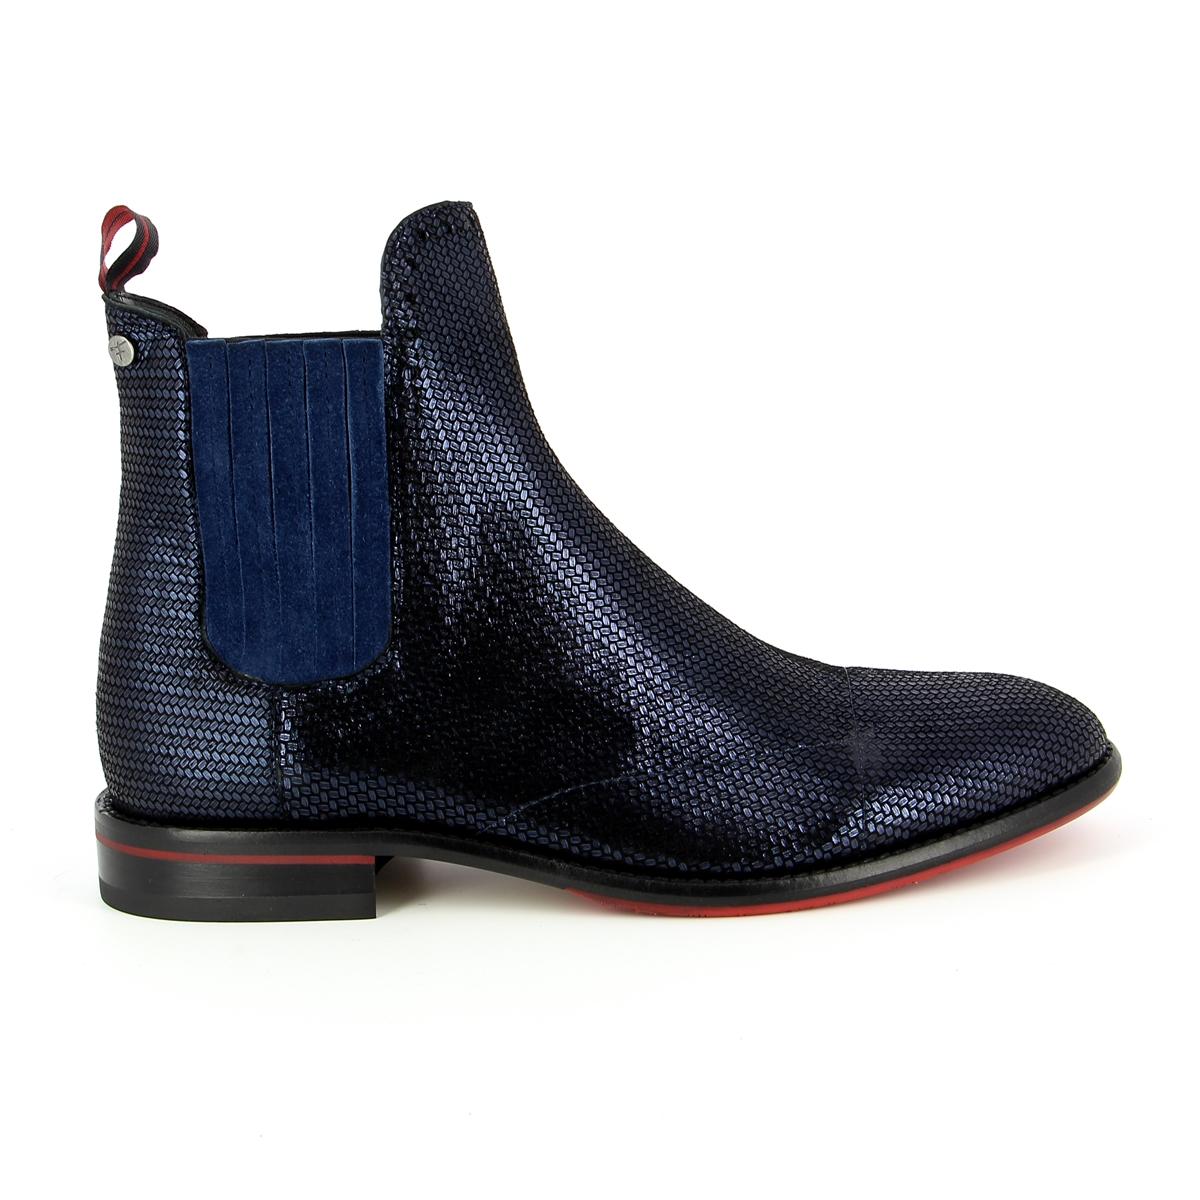 uk store skate shoes limited guantity Floris Van Bommel - Boots - 7796 - Jean Delaere